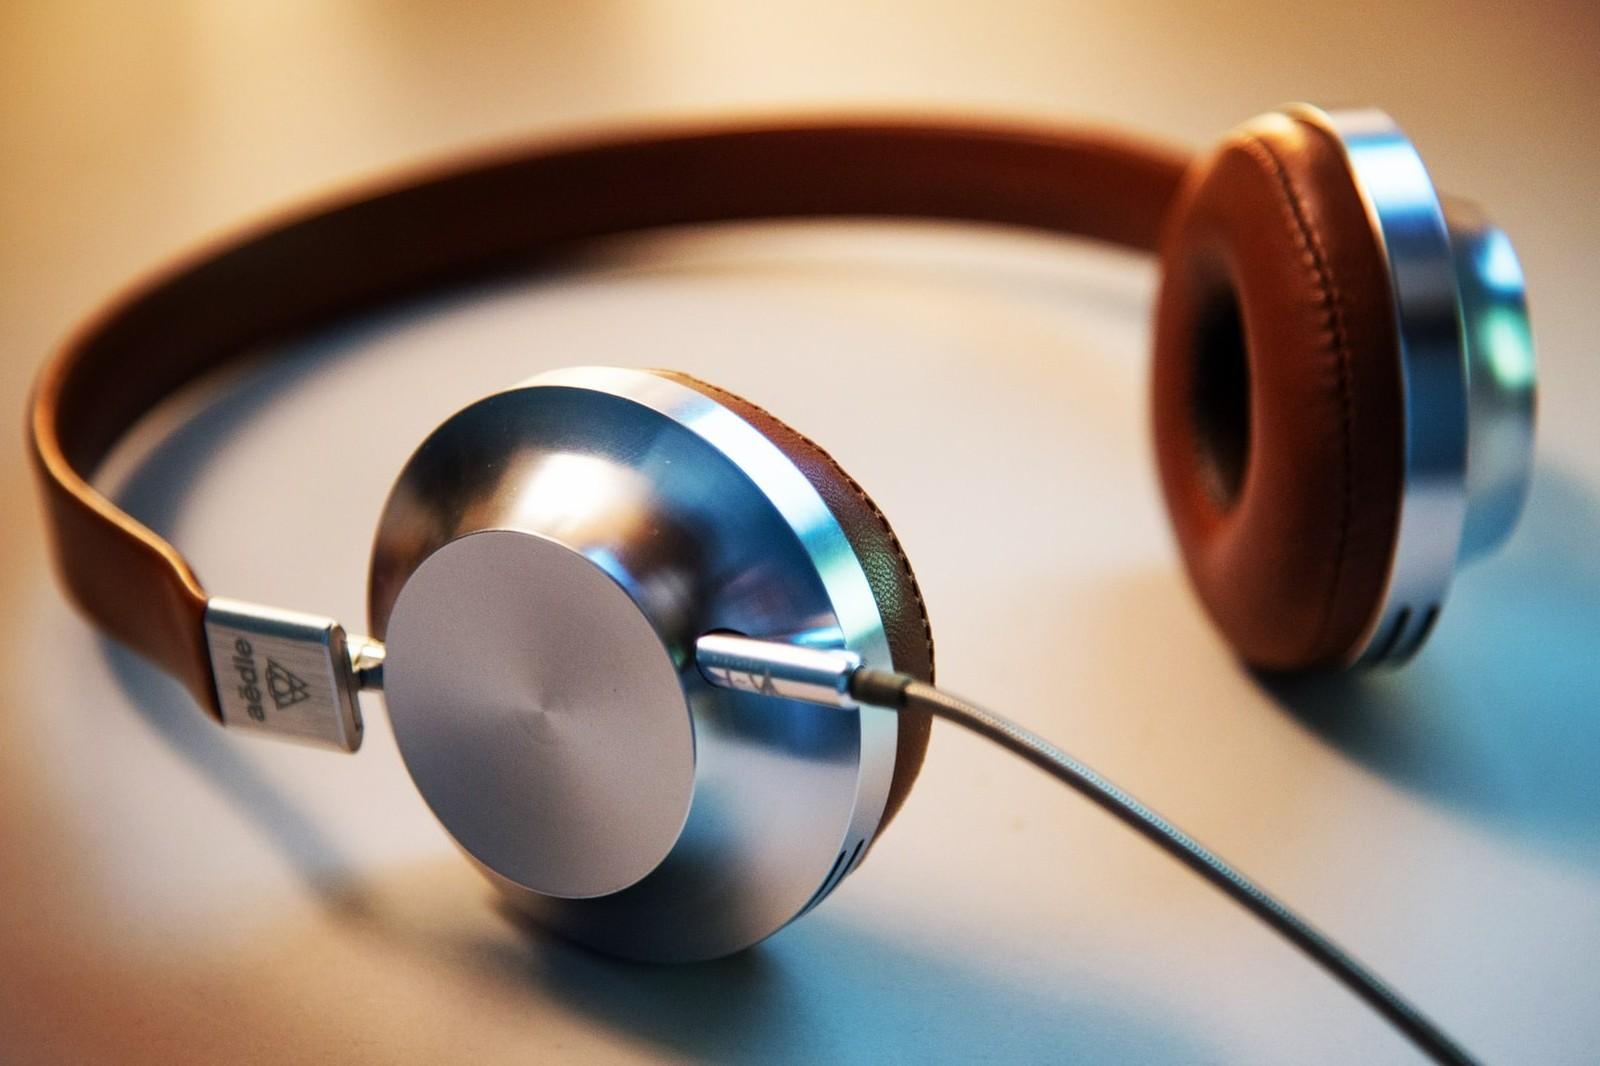 kopfhörer gegen geräusche